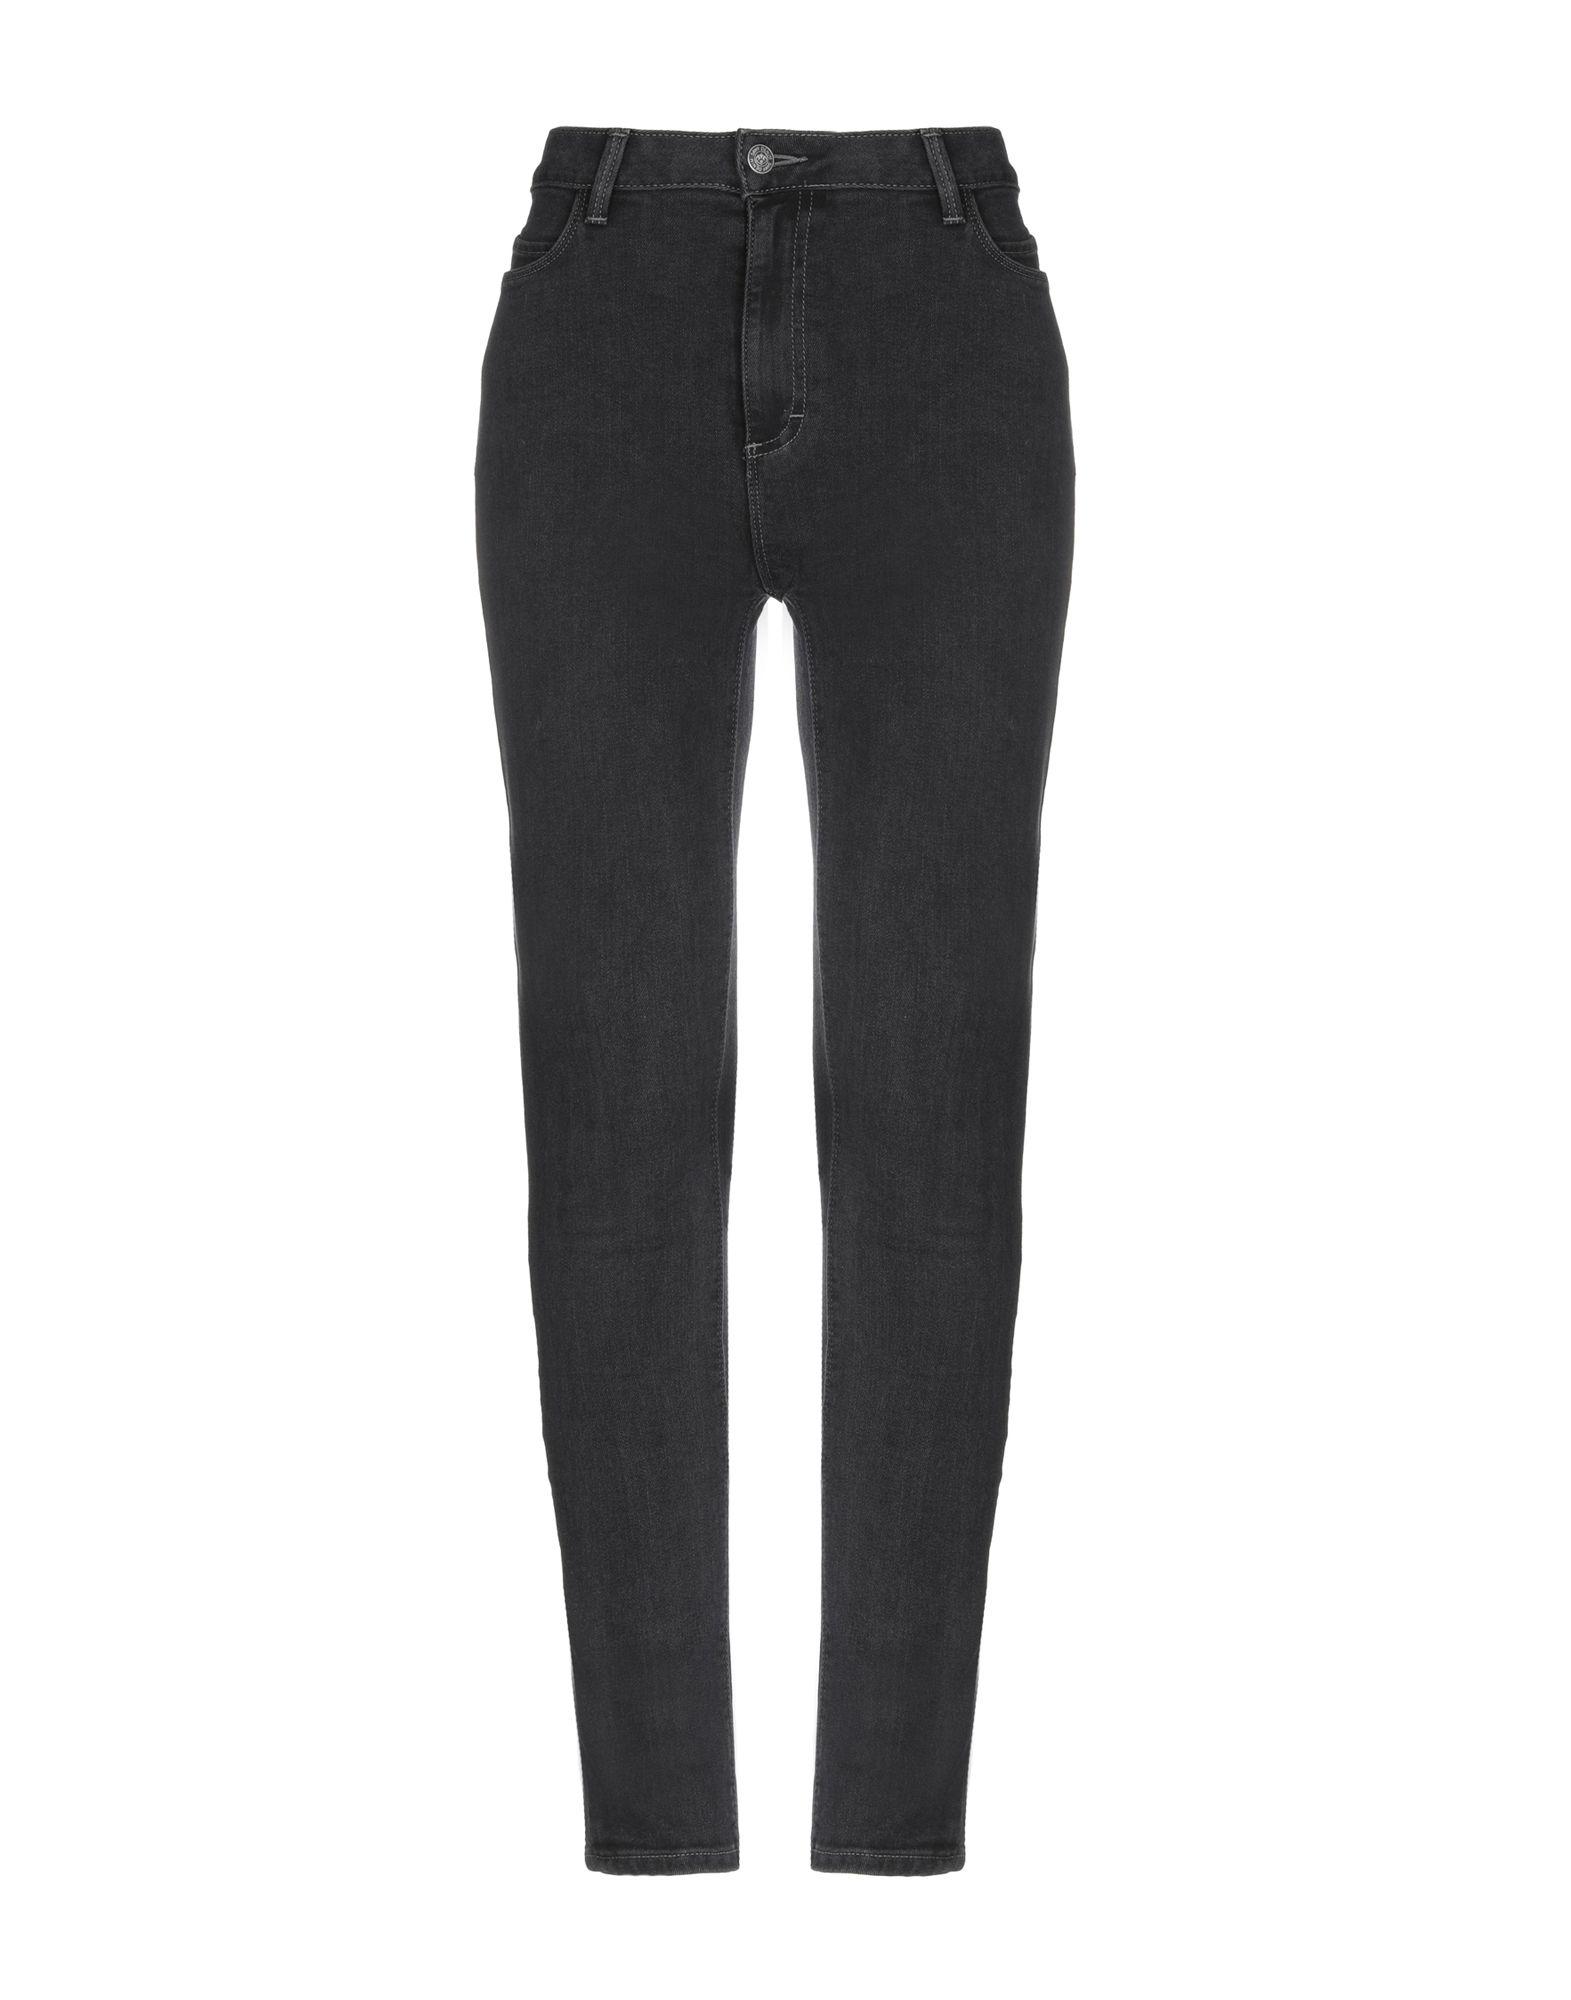 Siwy Jeans In Black